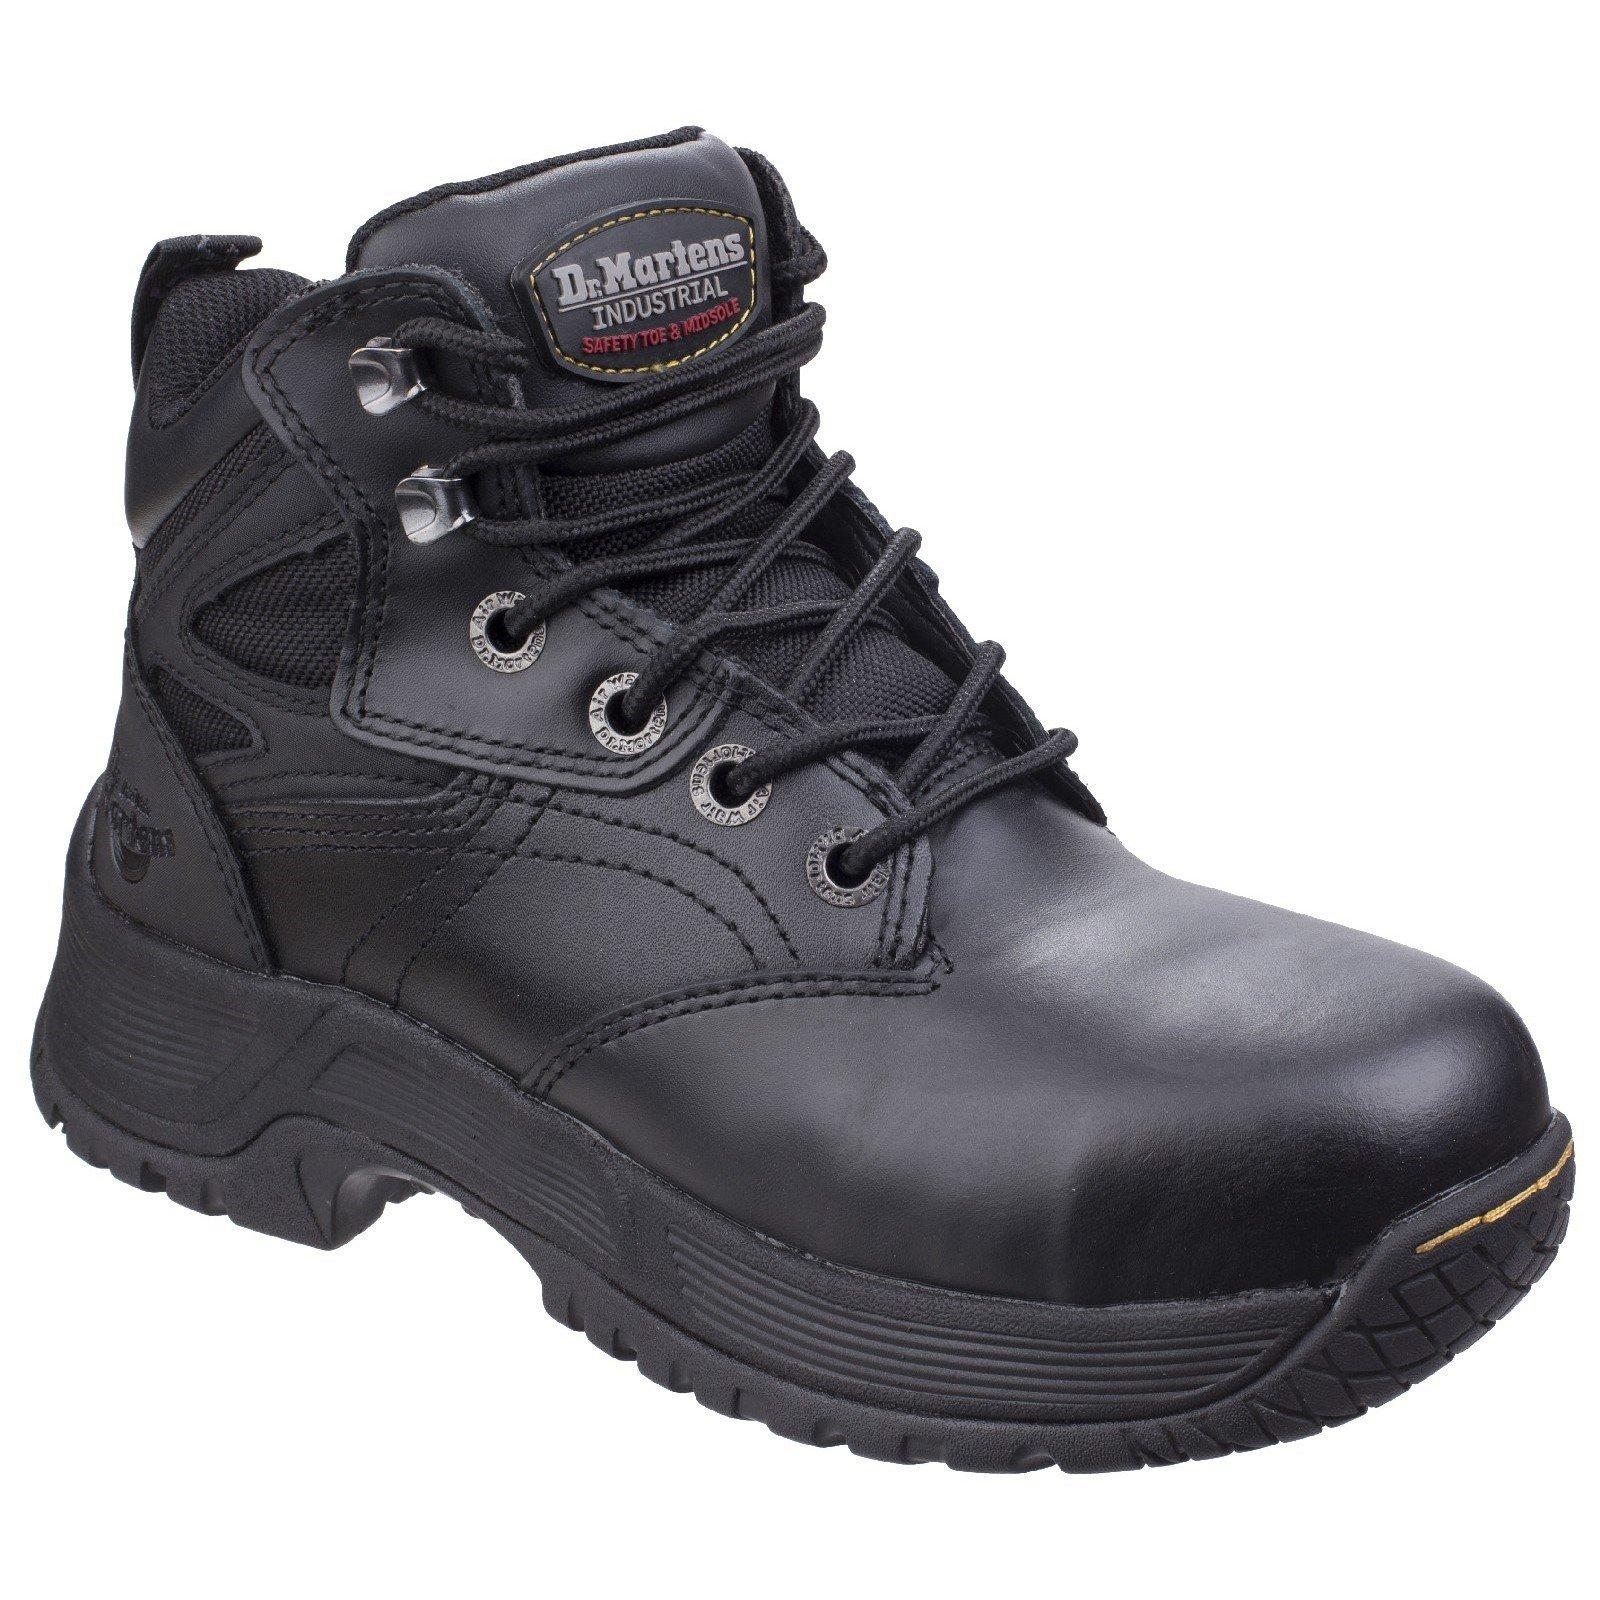 Dr Martens Men's Torness Safety Boot Black 26020 - Black 12